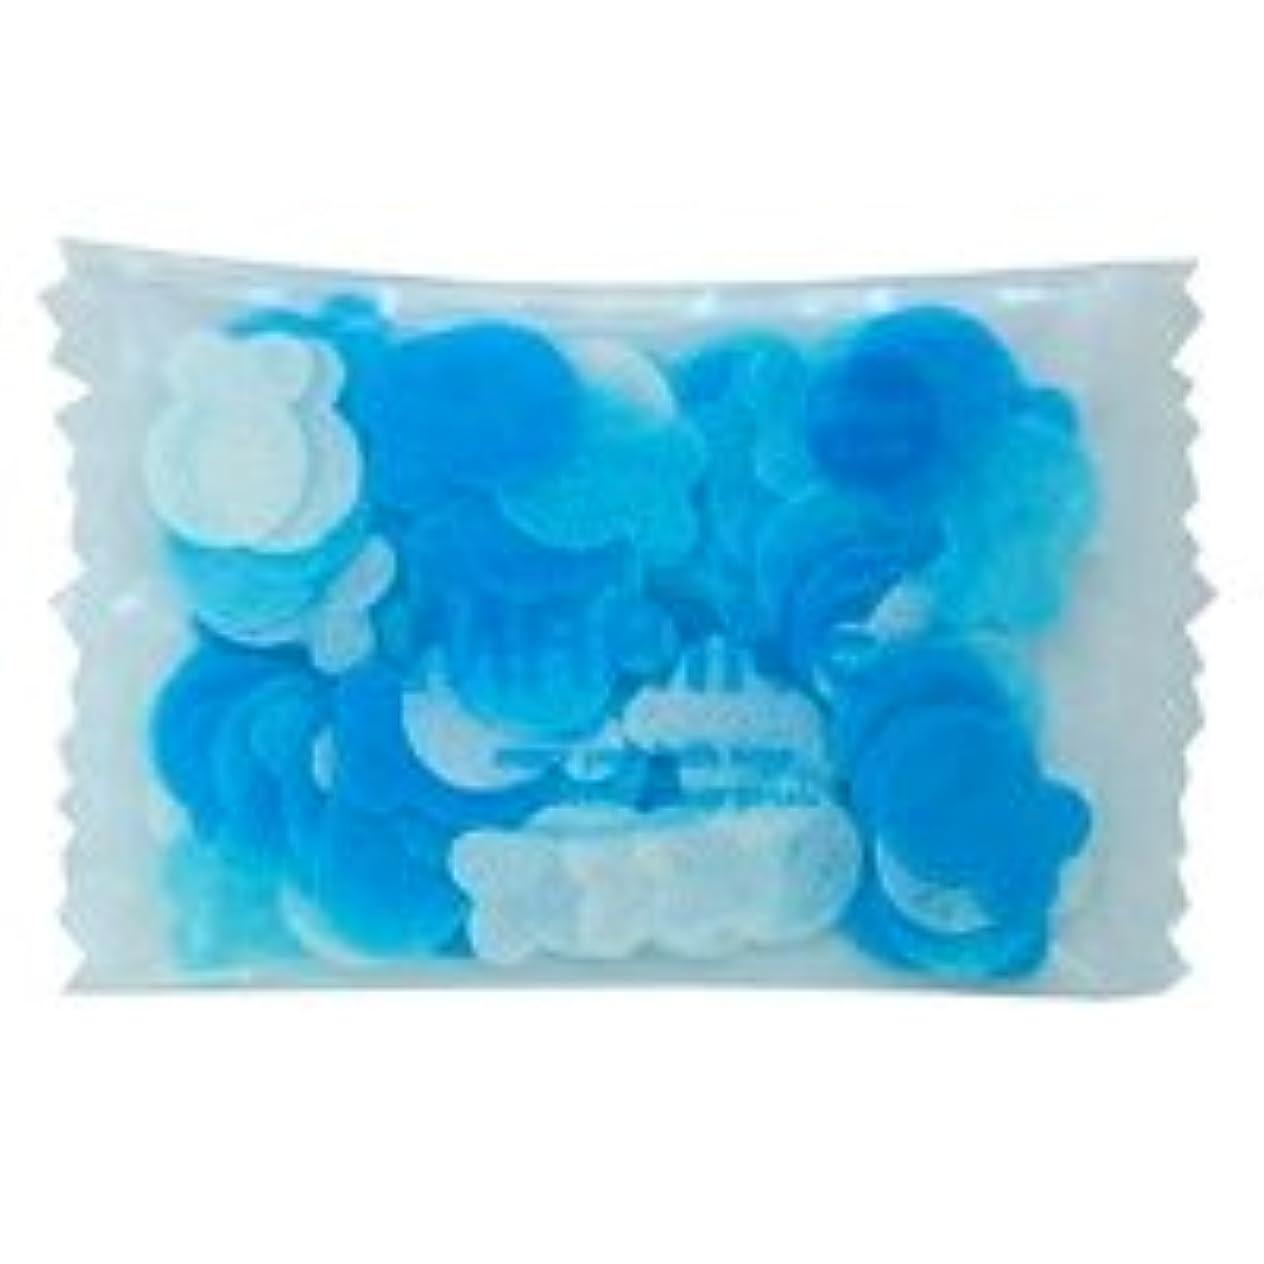 割り当てる出発する誕生日フラワーペタル バブルバス ミニパック「マリン」20個セット 穏やかで優しい気持ちになりたい日に心をなごませてくれる爽やかなマリンの香り